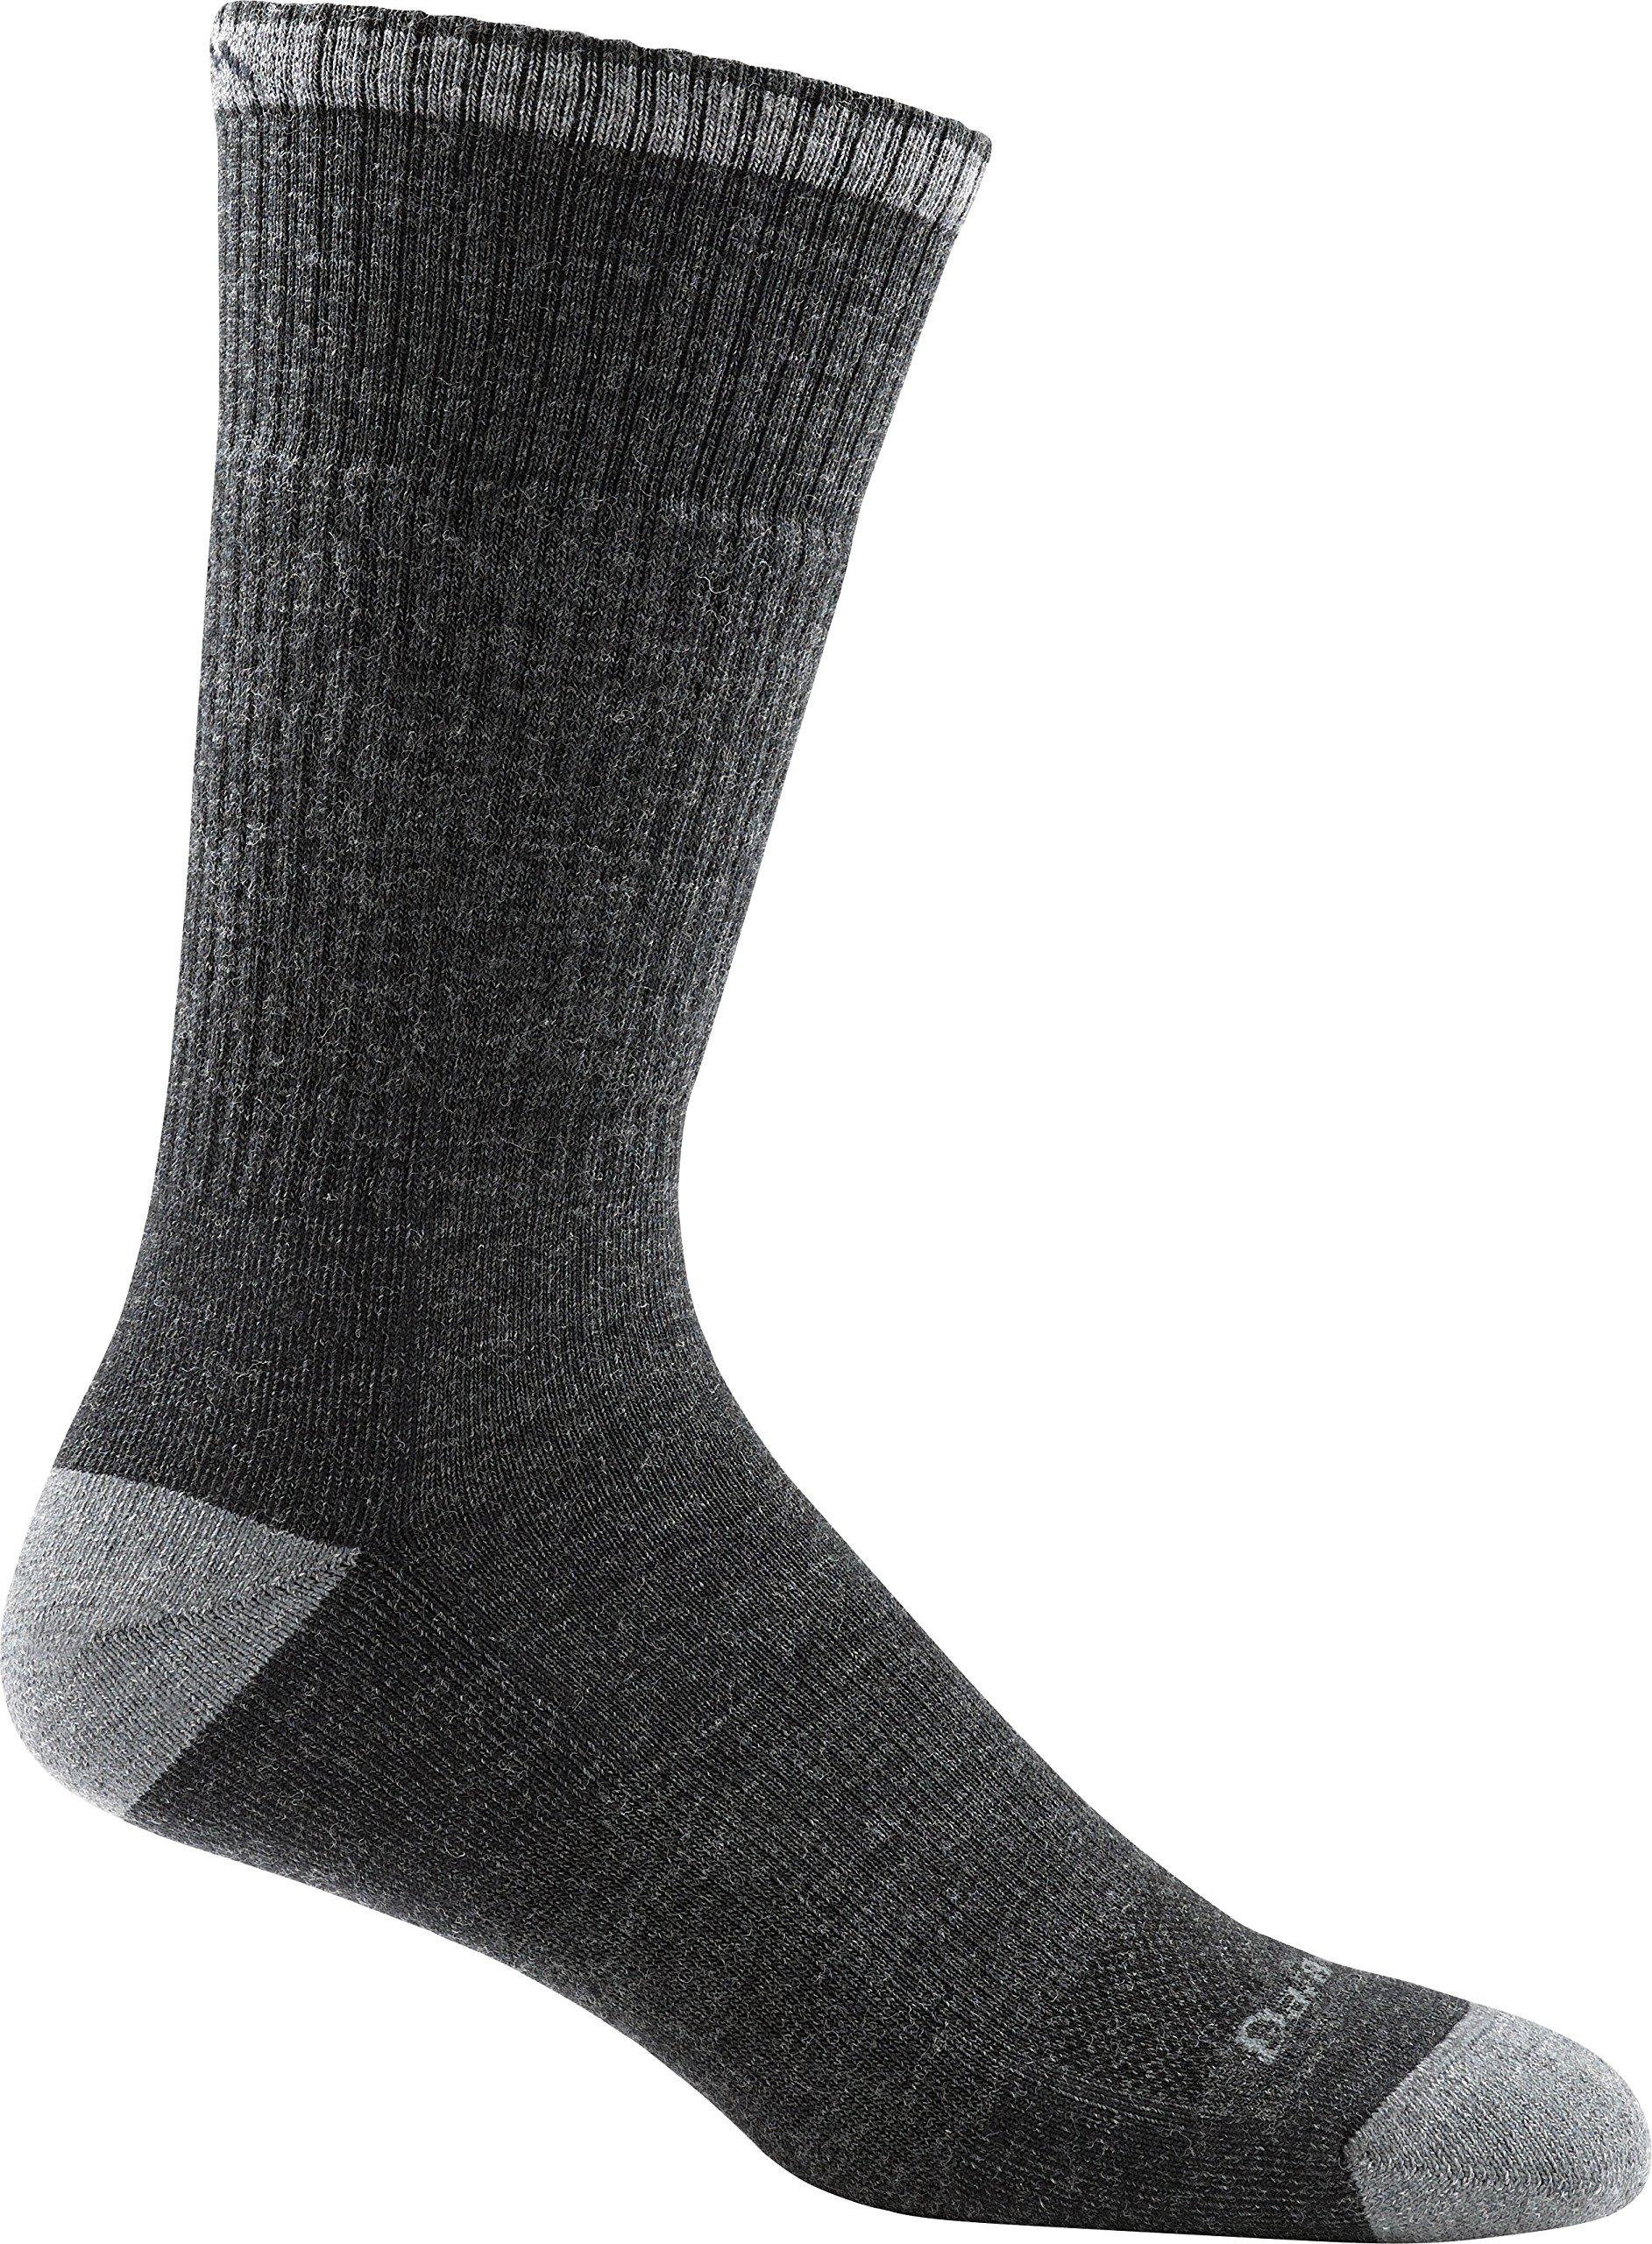 Darn Tough Men's Merino Wool John Henry Boot Sock Cushion - 6 Pack, GRAVEL, LG